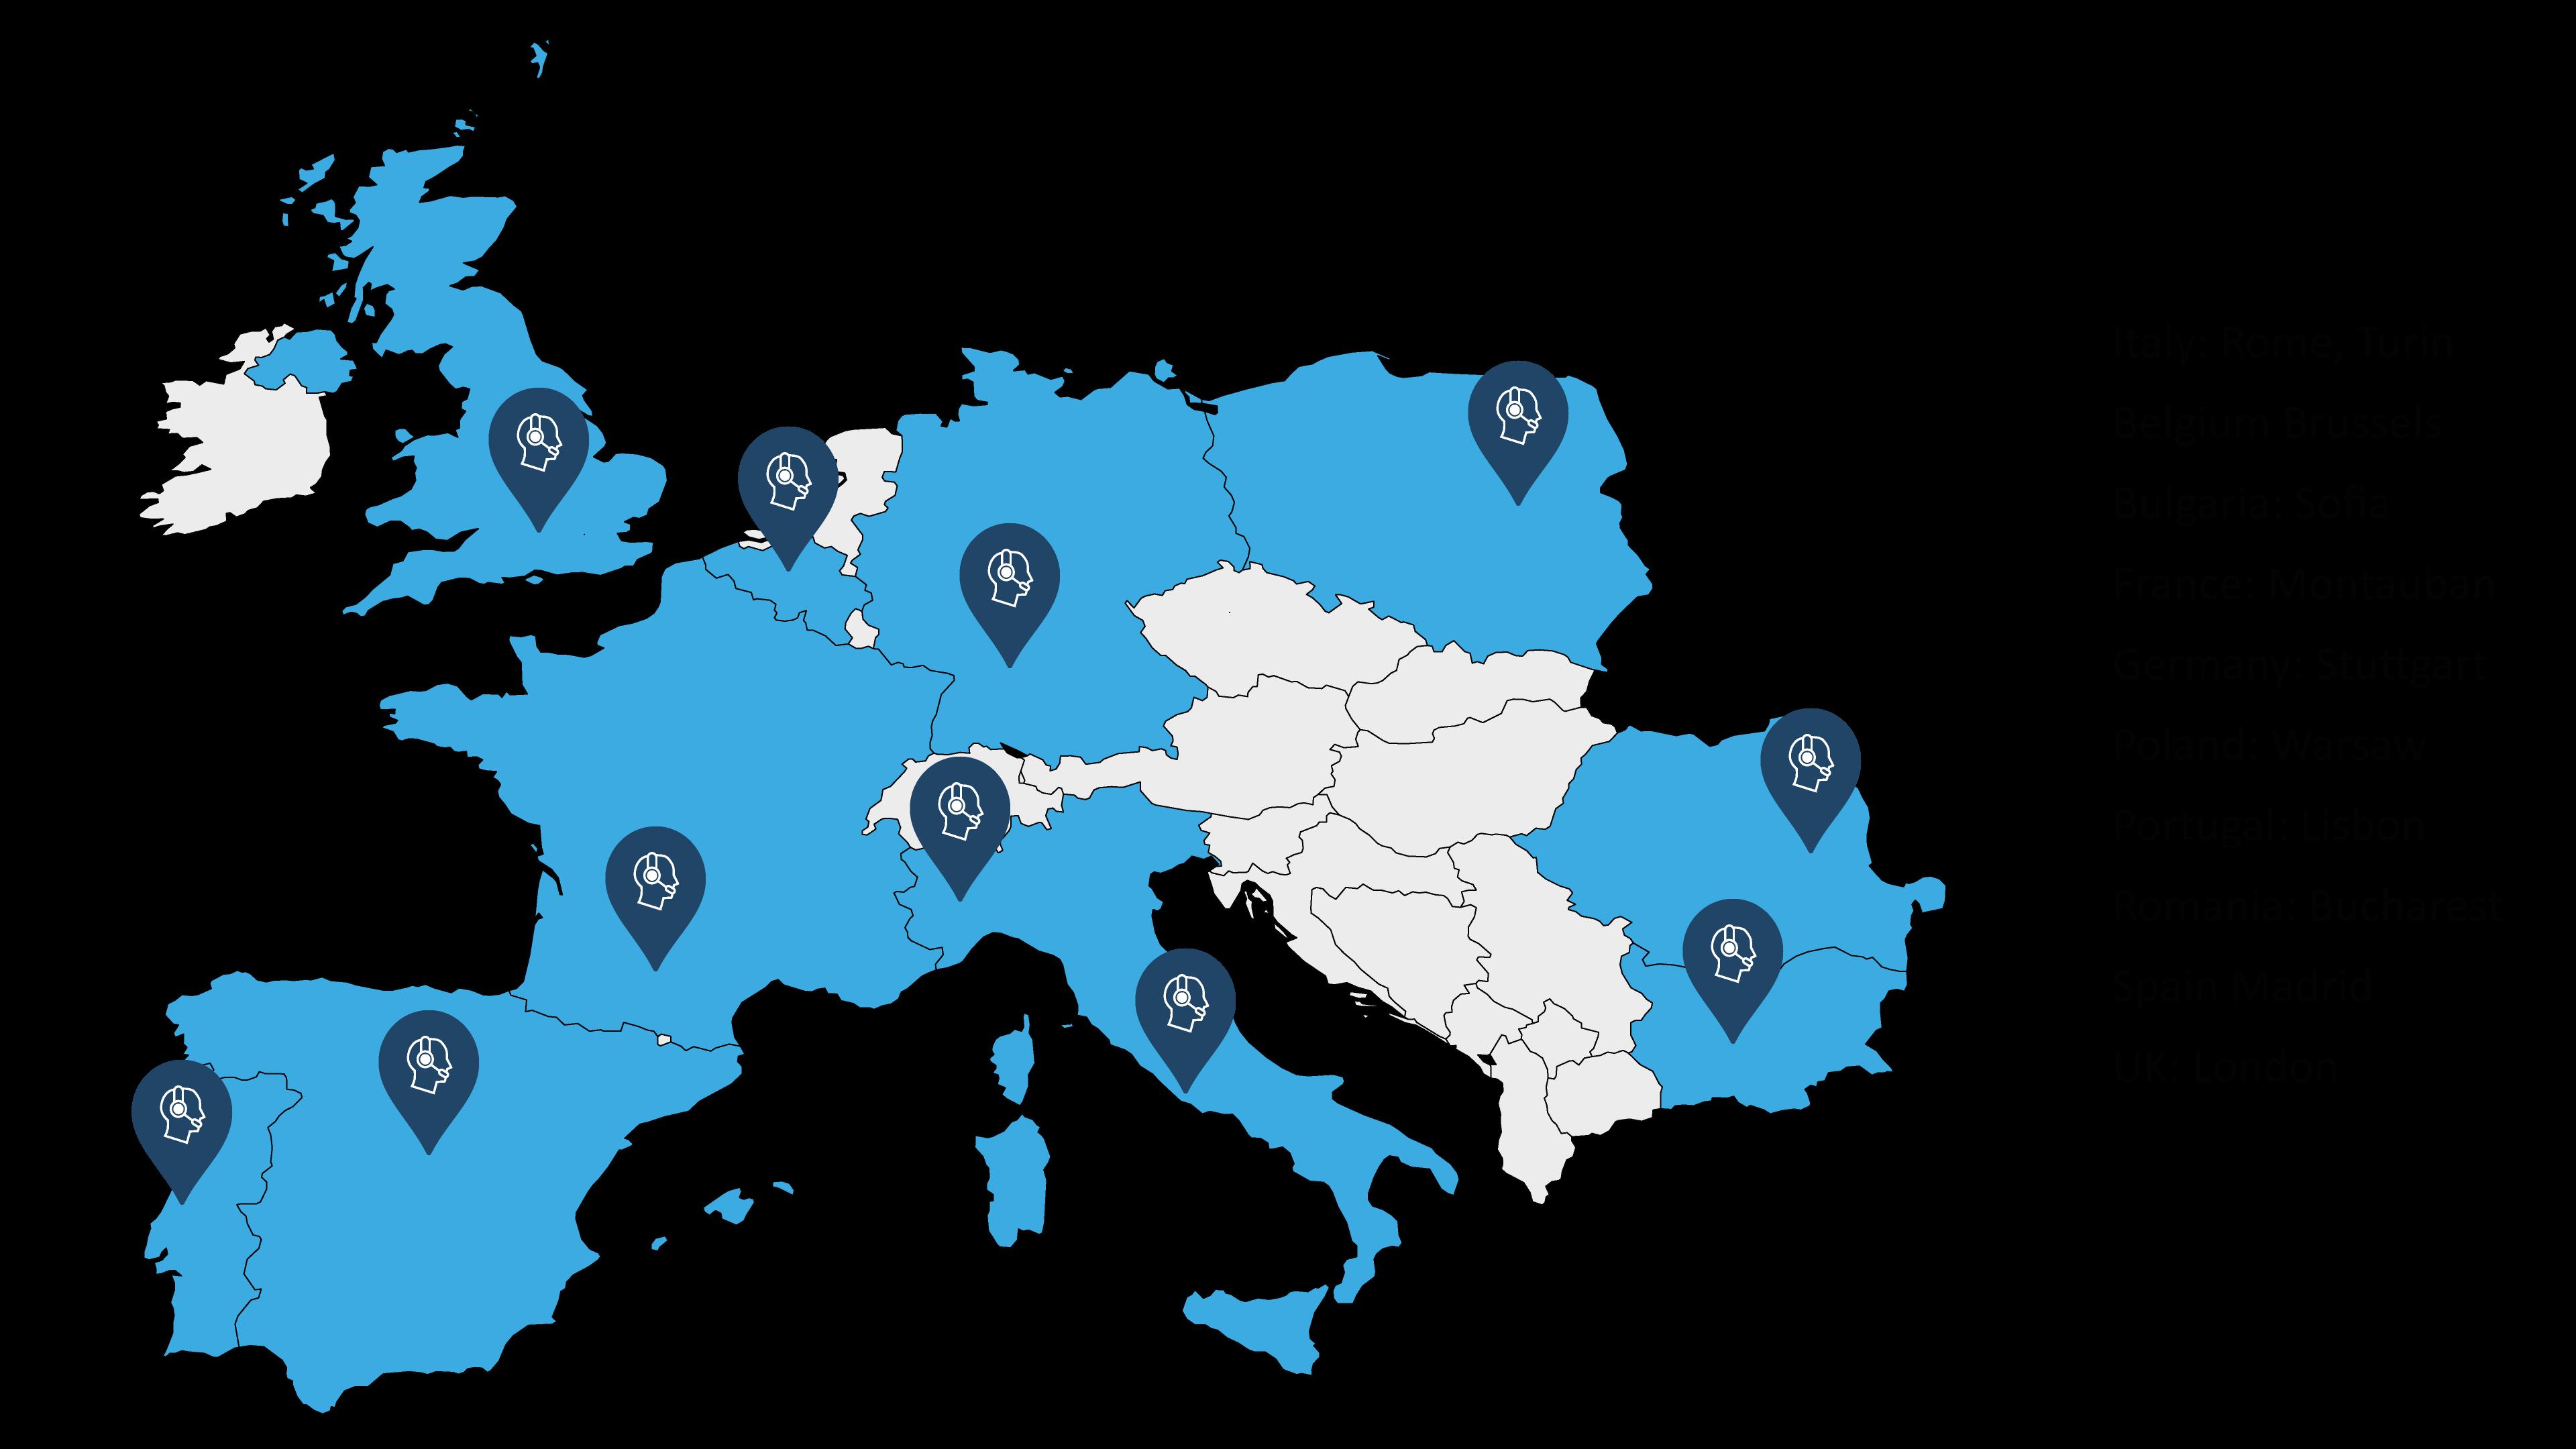 Cresce il newtork delle Centrali Operative Viasat in Europa